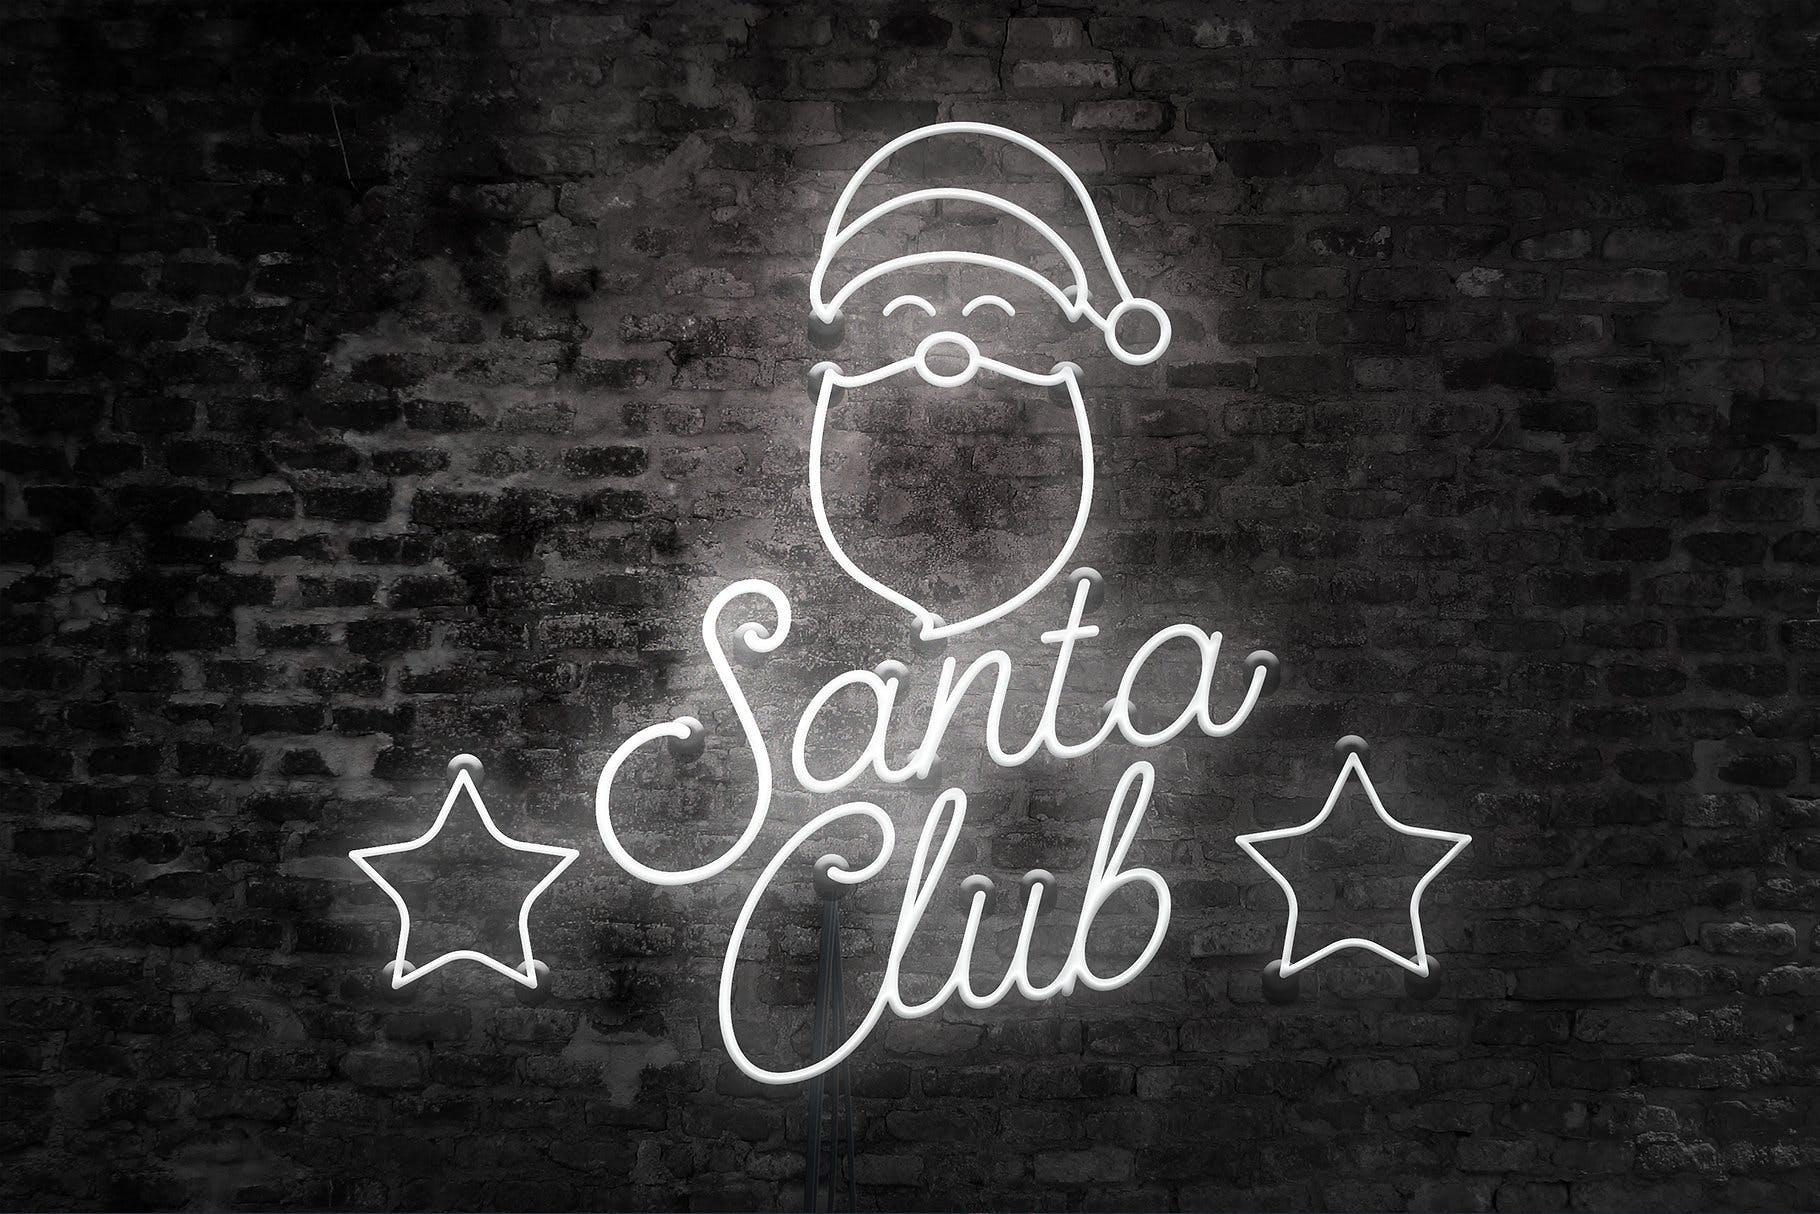 圣诞节主题霓虹灯效果图形文字设计PS样式模板 Neon Christmas Layer Style插图(2)